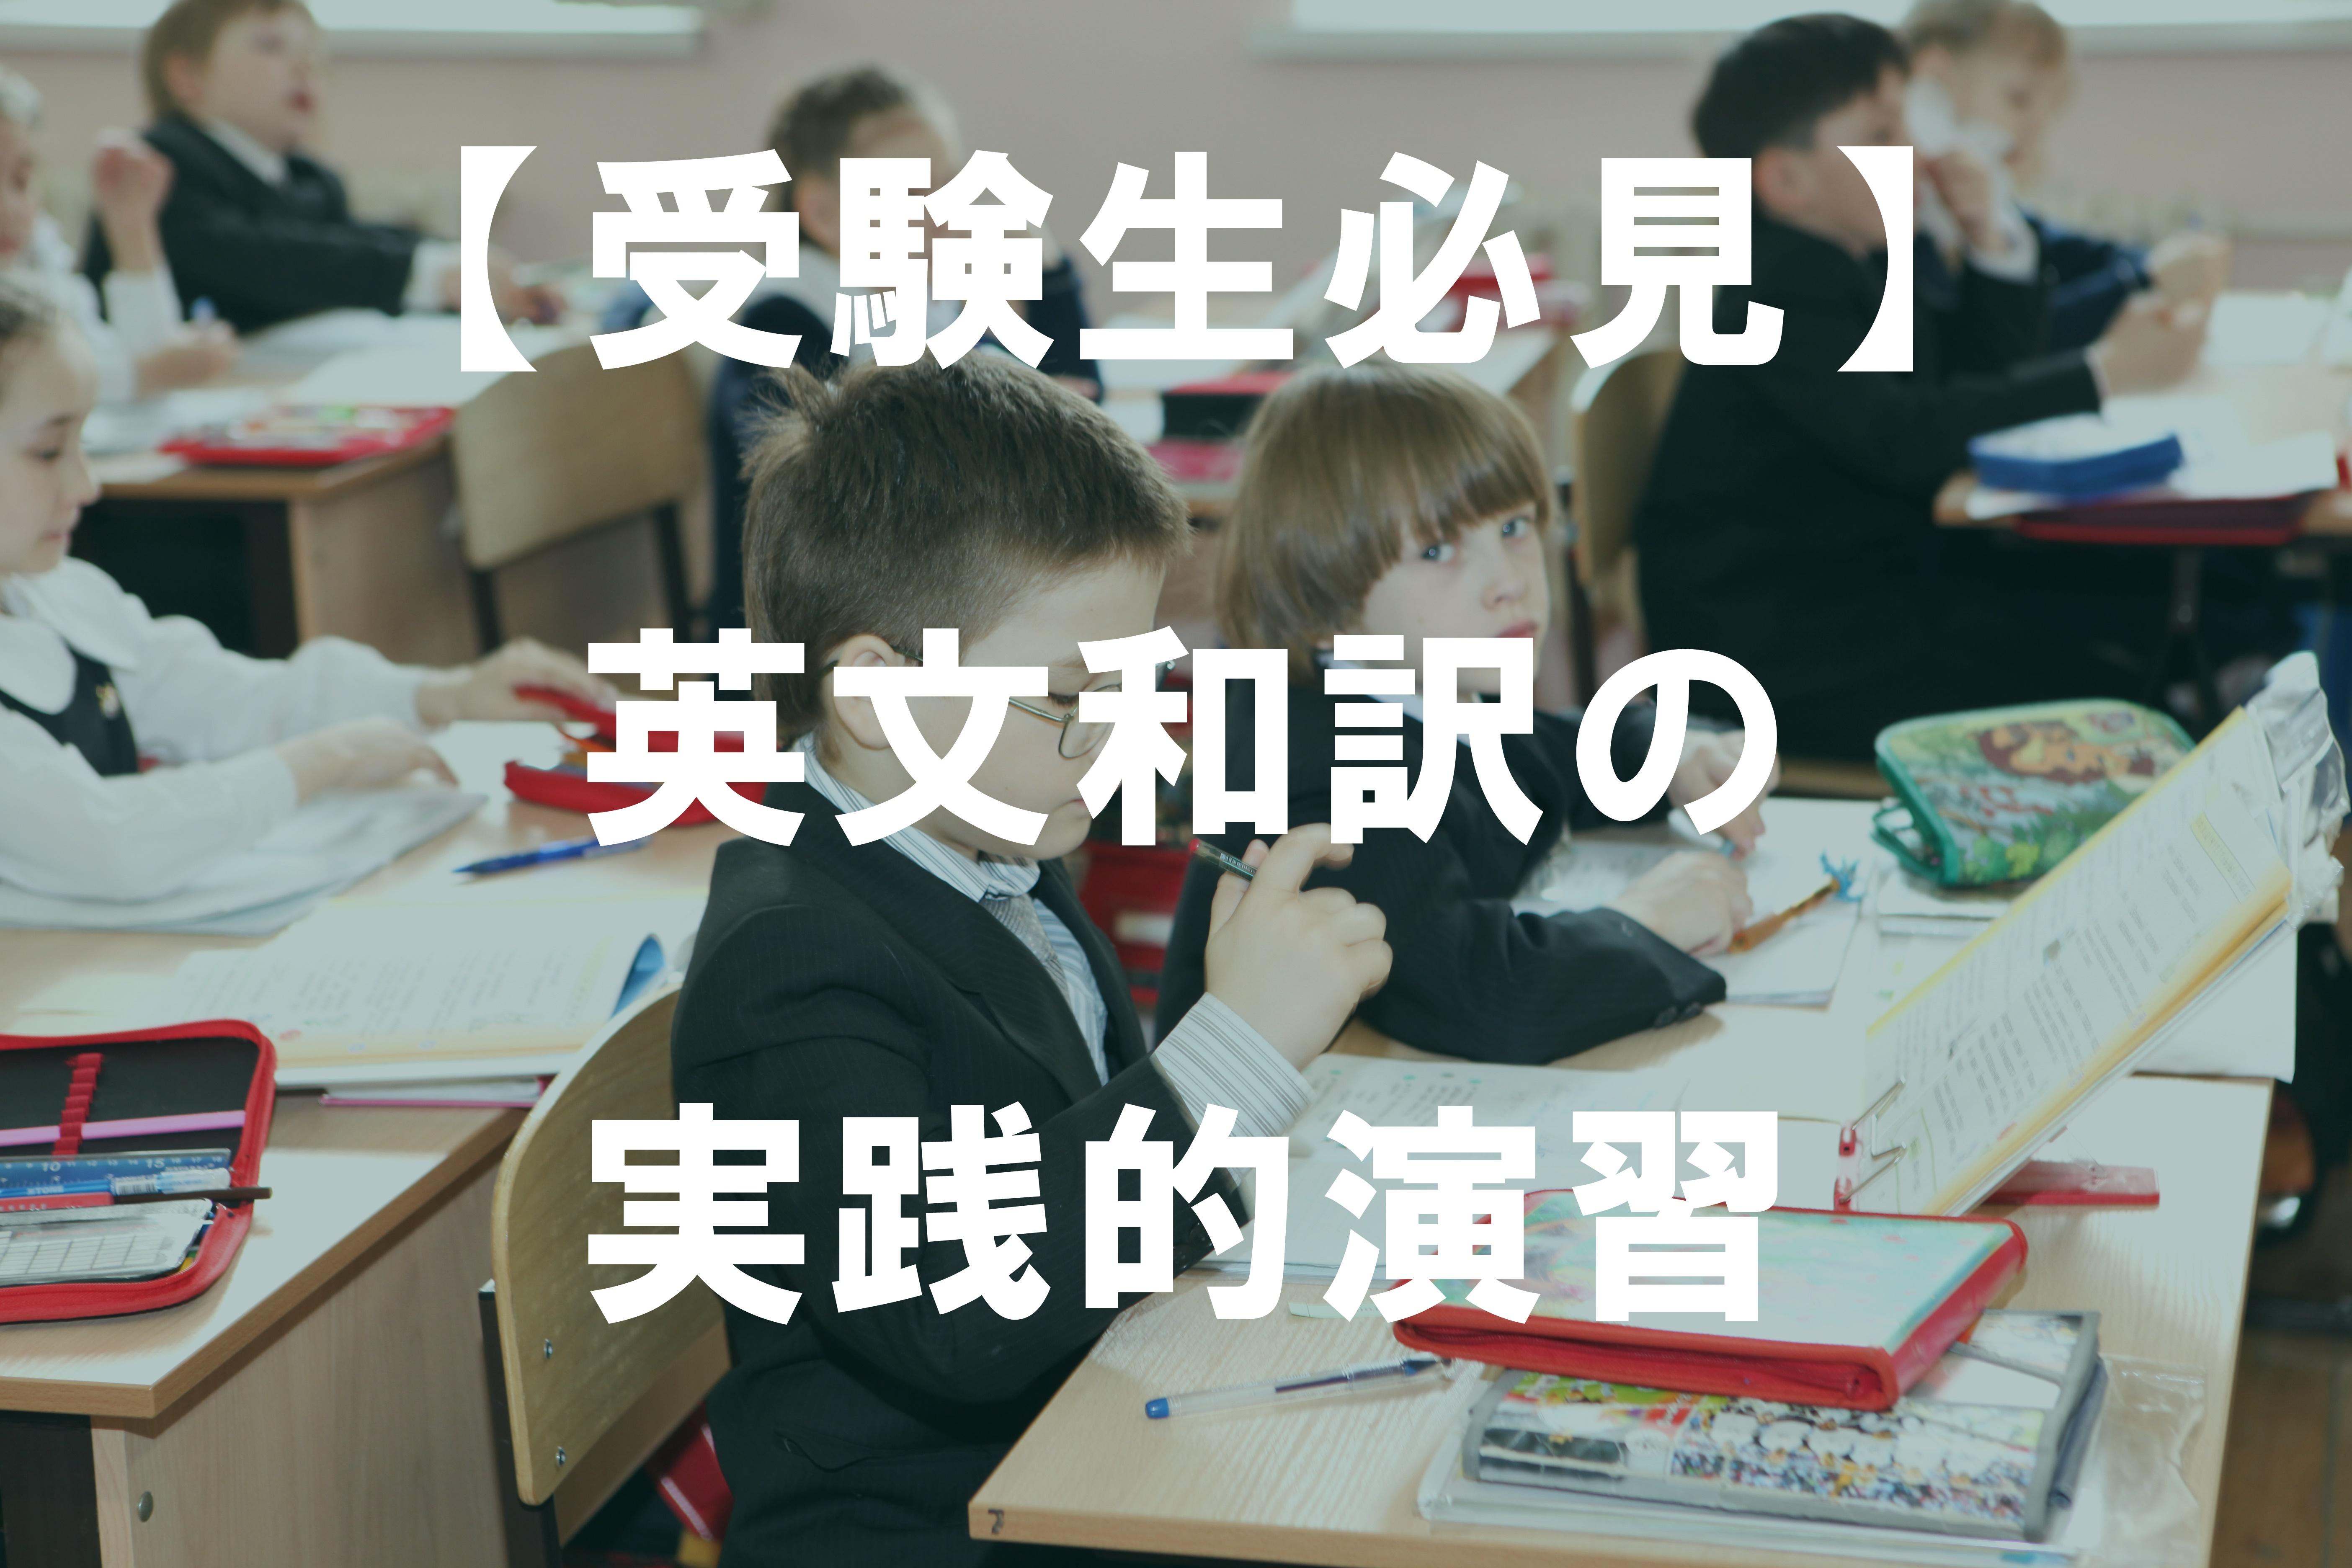 【受験生必見】英文和訳の実践的演習